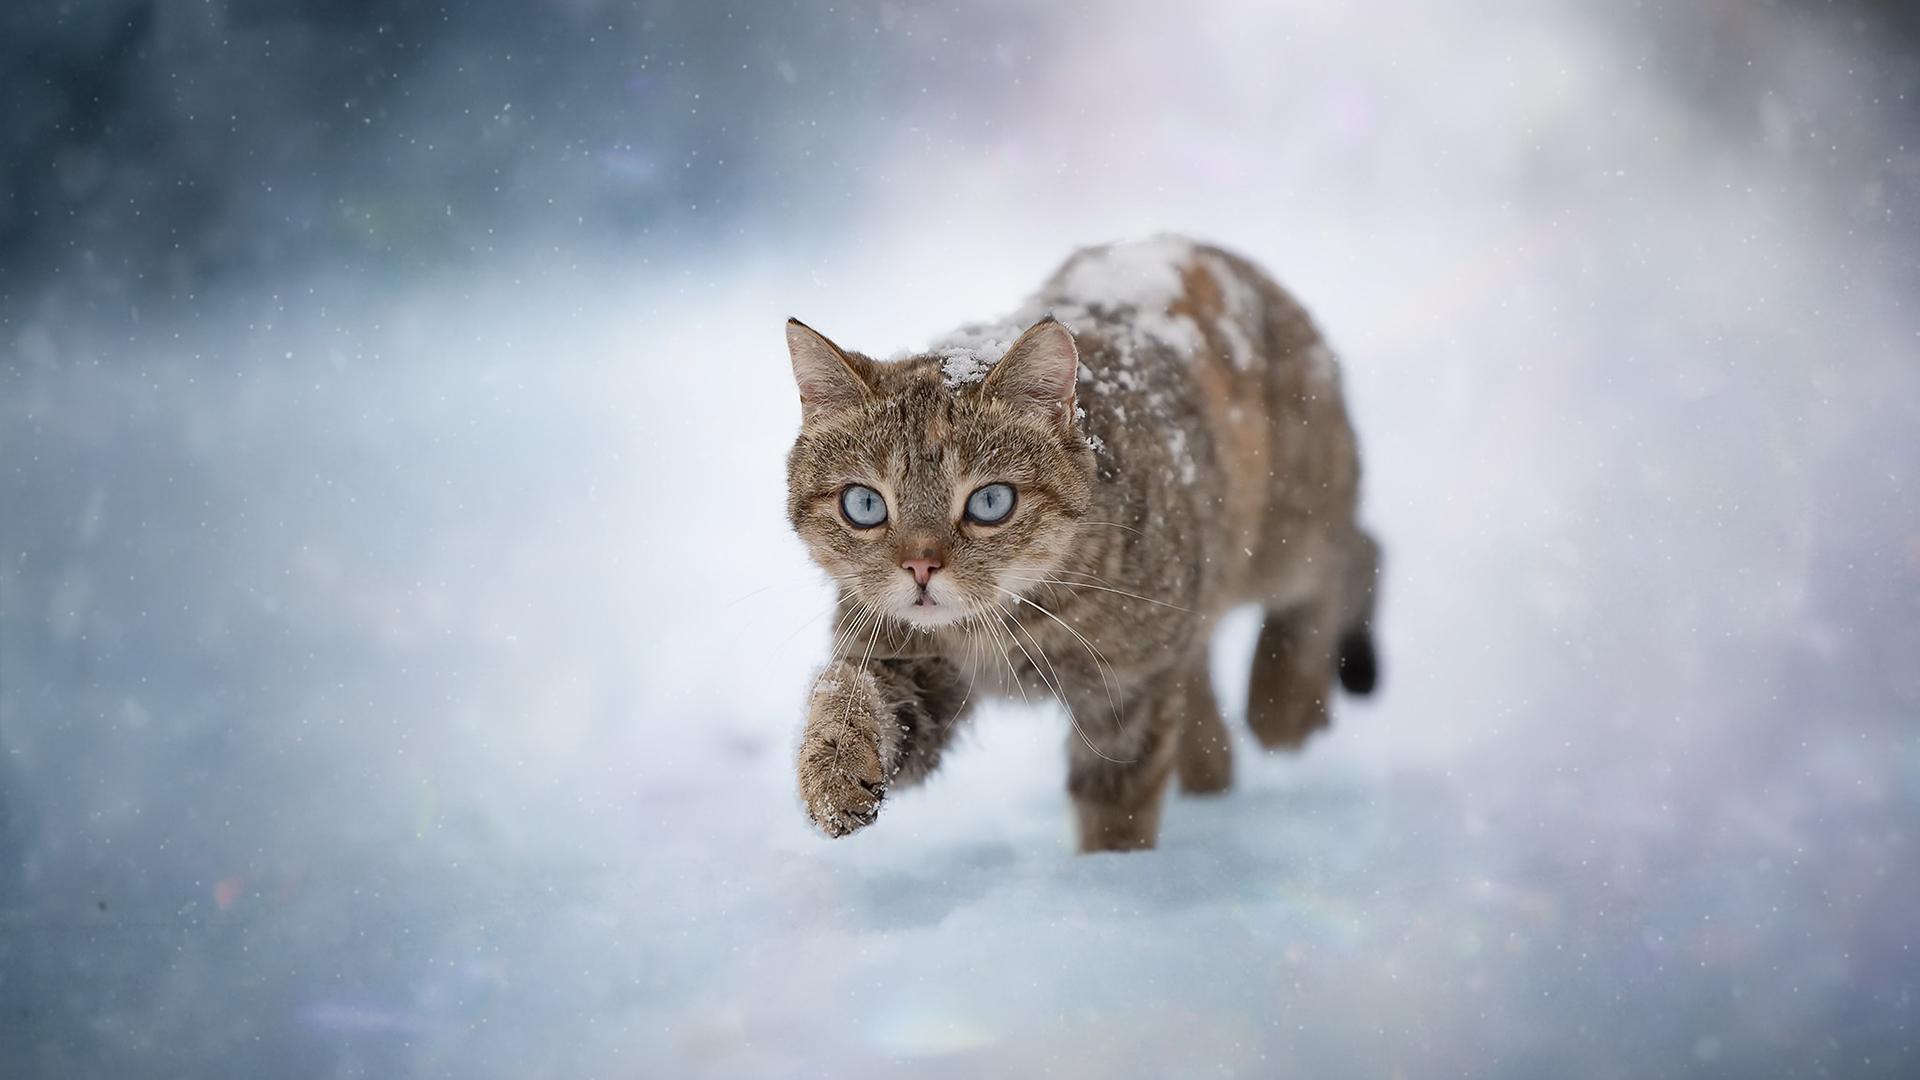 萌宠动物,喵星人,雪地,肥猫,漫步